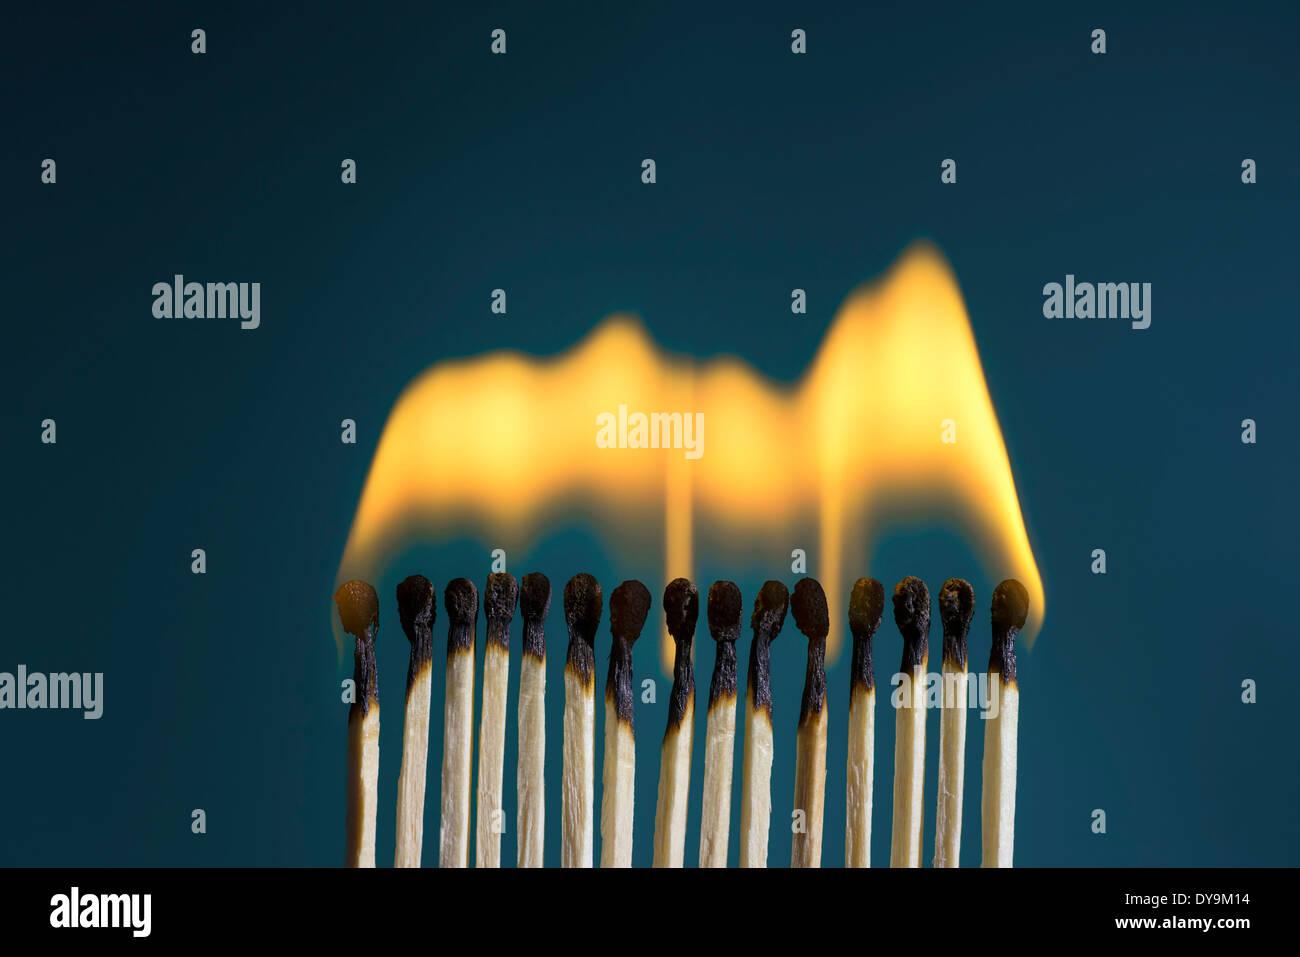 Burning Matches - Stock Image